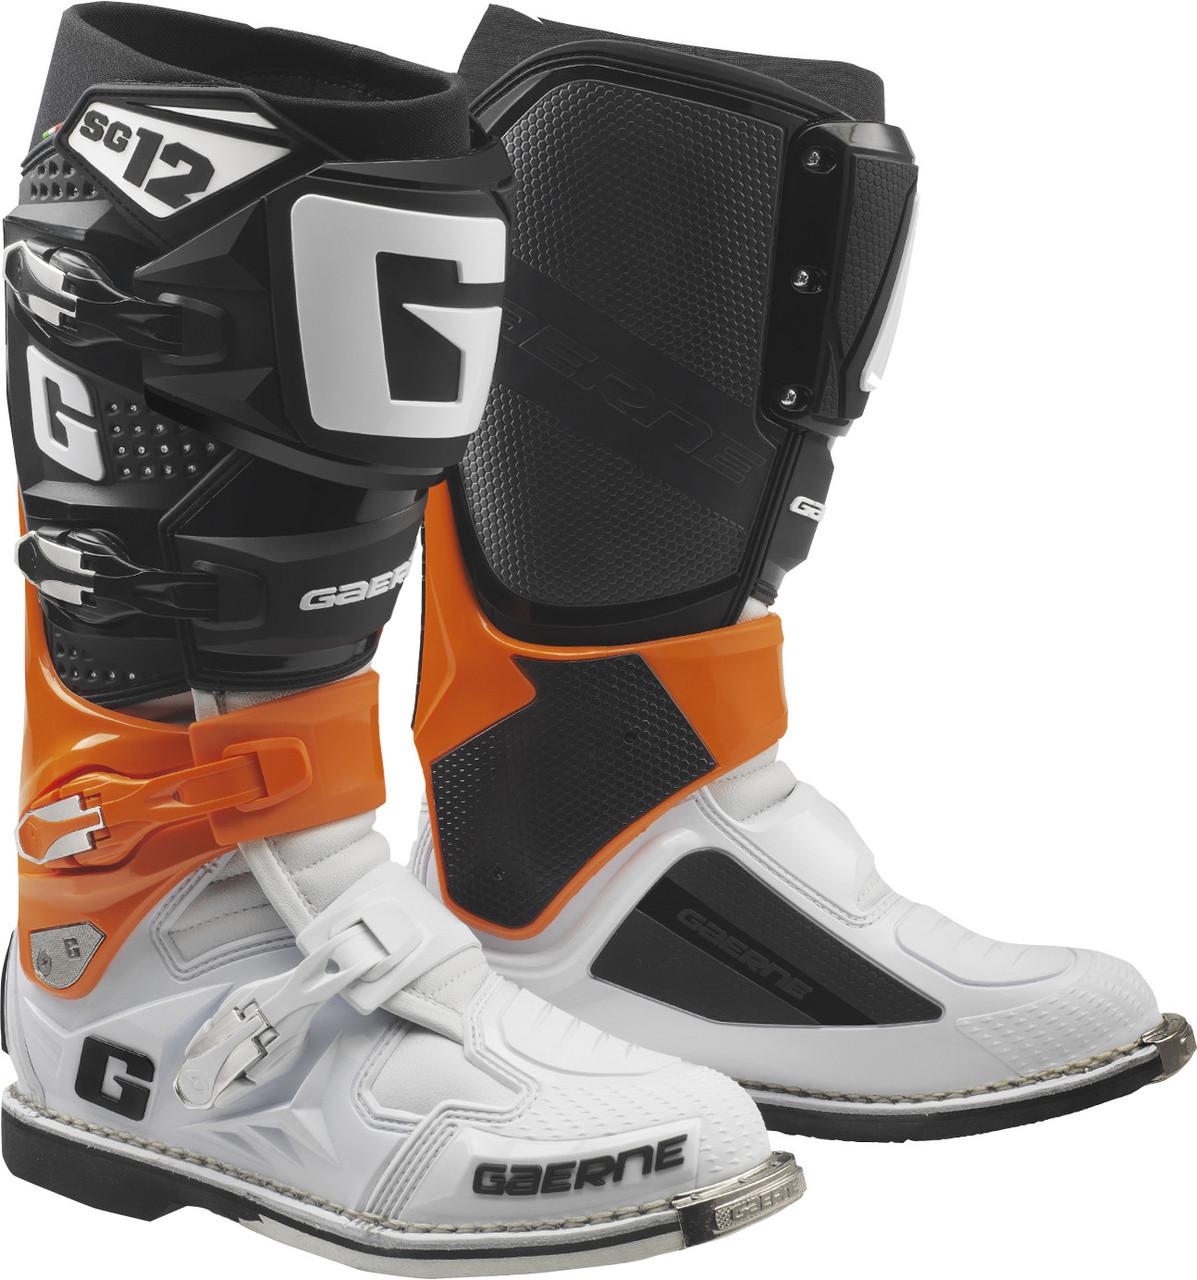 Мотоботинки кроссовые Gaerne SG-12 оранжевый / черный / белый, 42